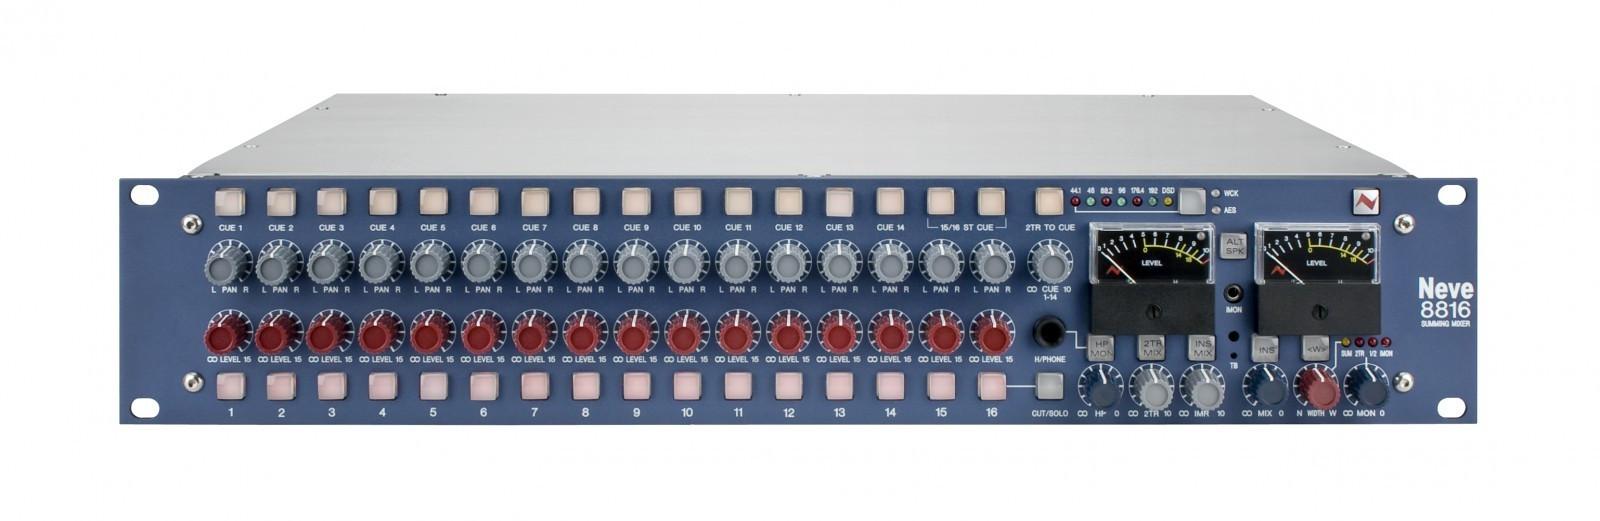 Neve 8816 analog summeringsmikser - Oslo  - AMS Neve 8816 analog summeringsmikser. Håndbygget i England, låter fantastisk. Selges grunnet overgang til mixer. Stått i rack i røykfritt studio og fremstår som ny.    Neve 8816 Summing Mixer Overview The legendary sound of Neve now beco - Oslo